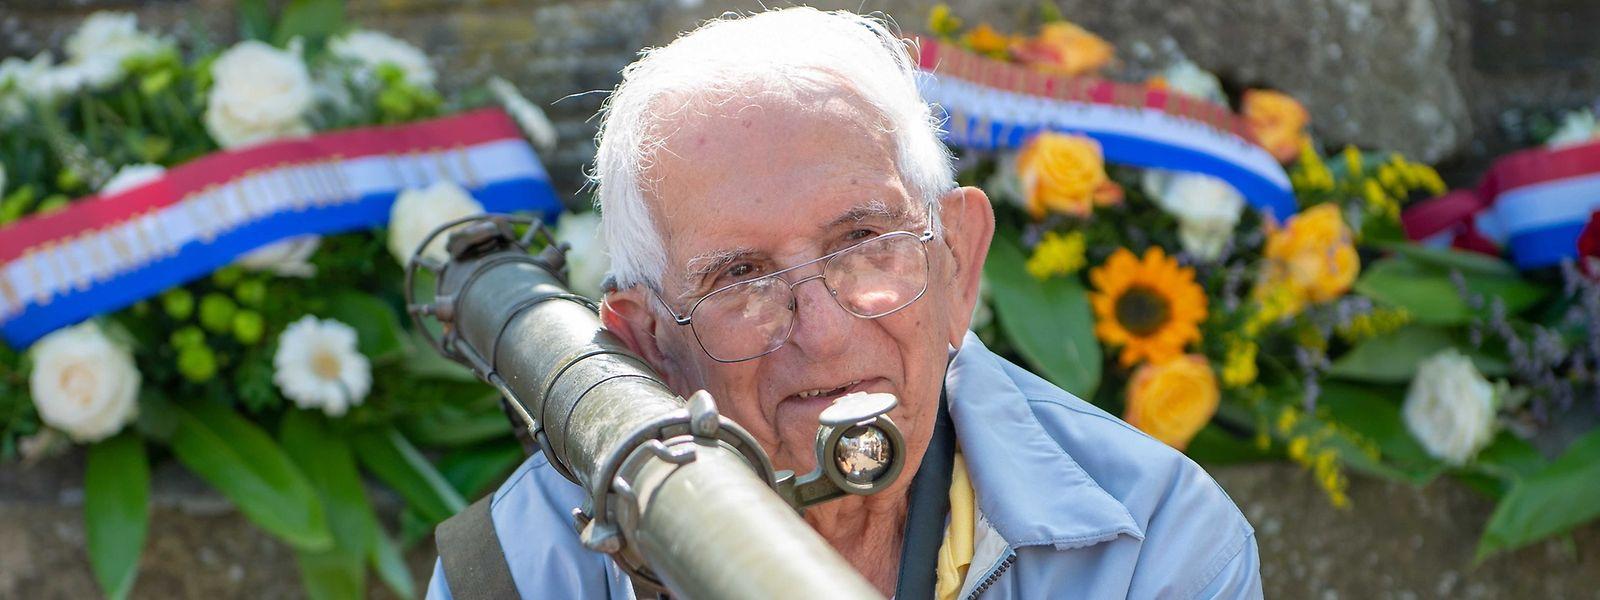 """Im Alter von 96 Jahren wollte US-Veteran Dominic Giovinazzo noch einmal jene Schlachtfelder im Ösling sehen, auf denen er im Zweiten Weltkrieg kämpfte - und zum """"Bazooka Man"""" wurde."""